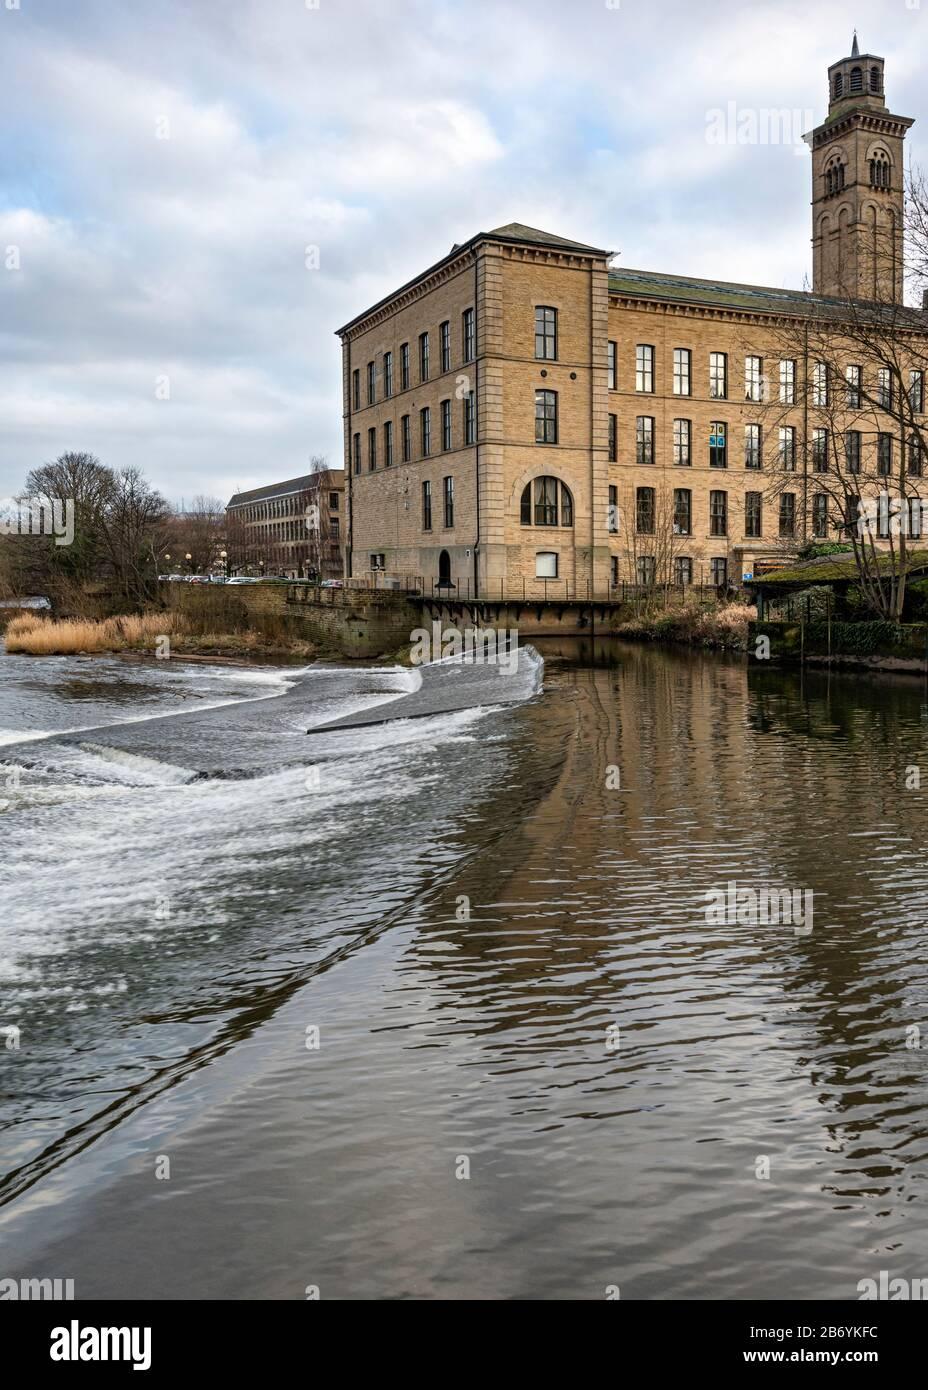 Salts Mill at Shipley Stock Photo